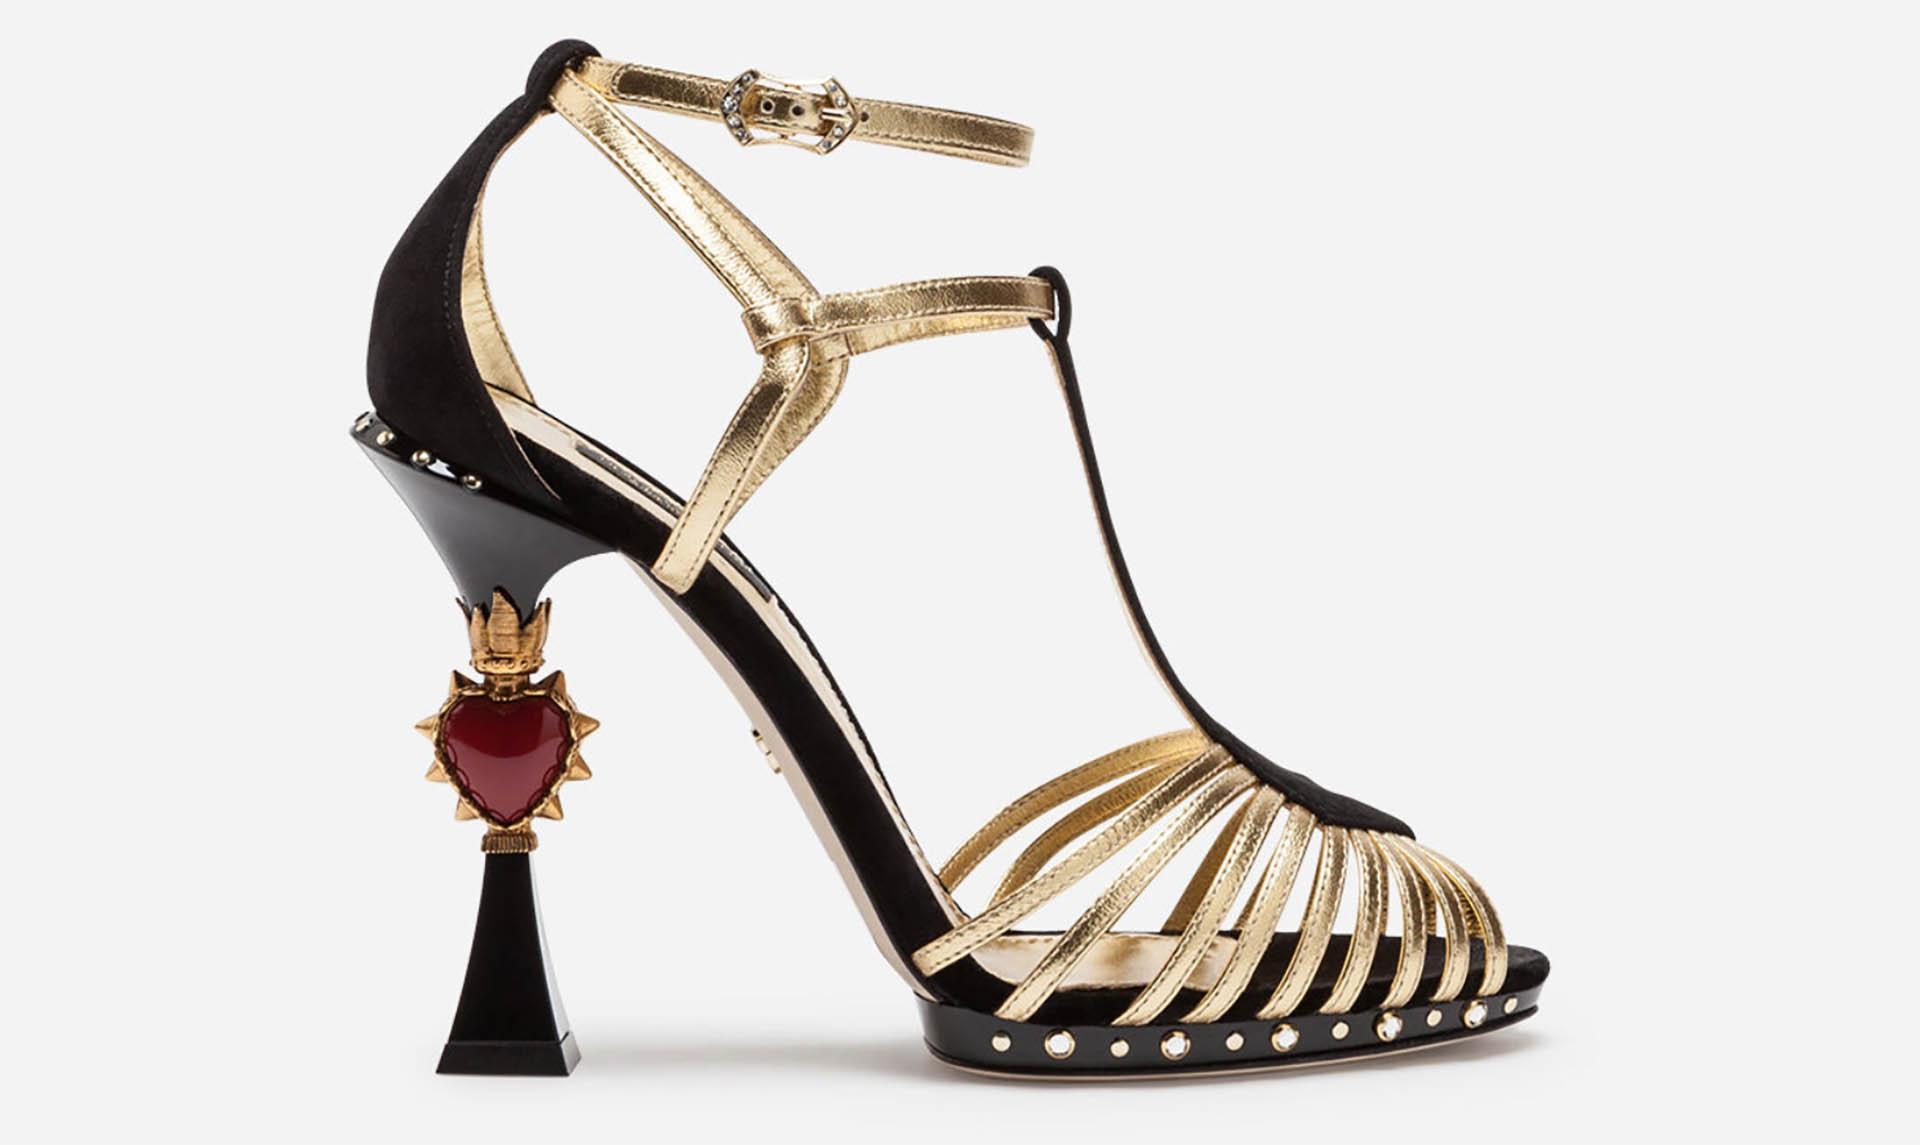 Dolce & Gabbana por excelencia es una de las firmas que innovan en los modelos con tacos llamativos con apliques de piedras, gemas, brillantes y cristales. El modelo es de 11 cm de taco con pulsera joya y hebilla con detalles de brillantes